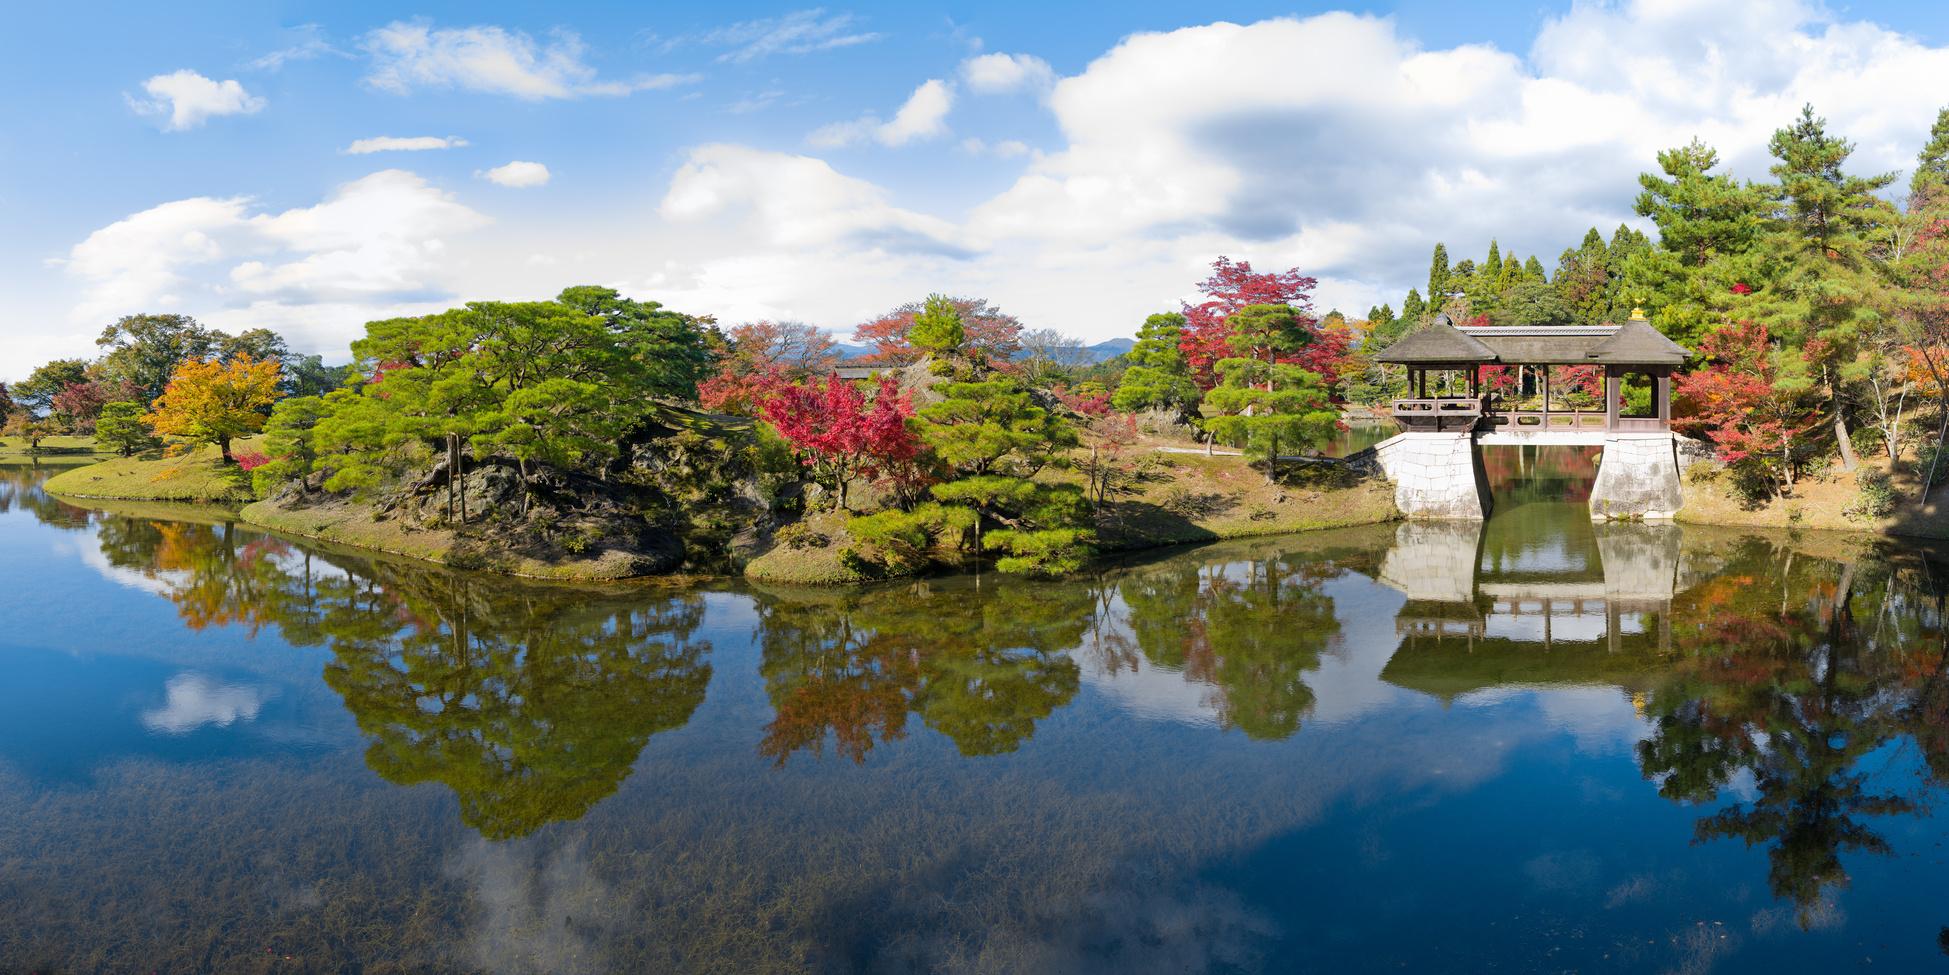 Les haïkus d'origine japonaise visent à exprimer de façon synthétique et symbolique la beauté, l'émotion contenue dans la Nature.